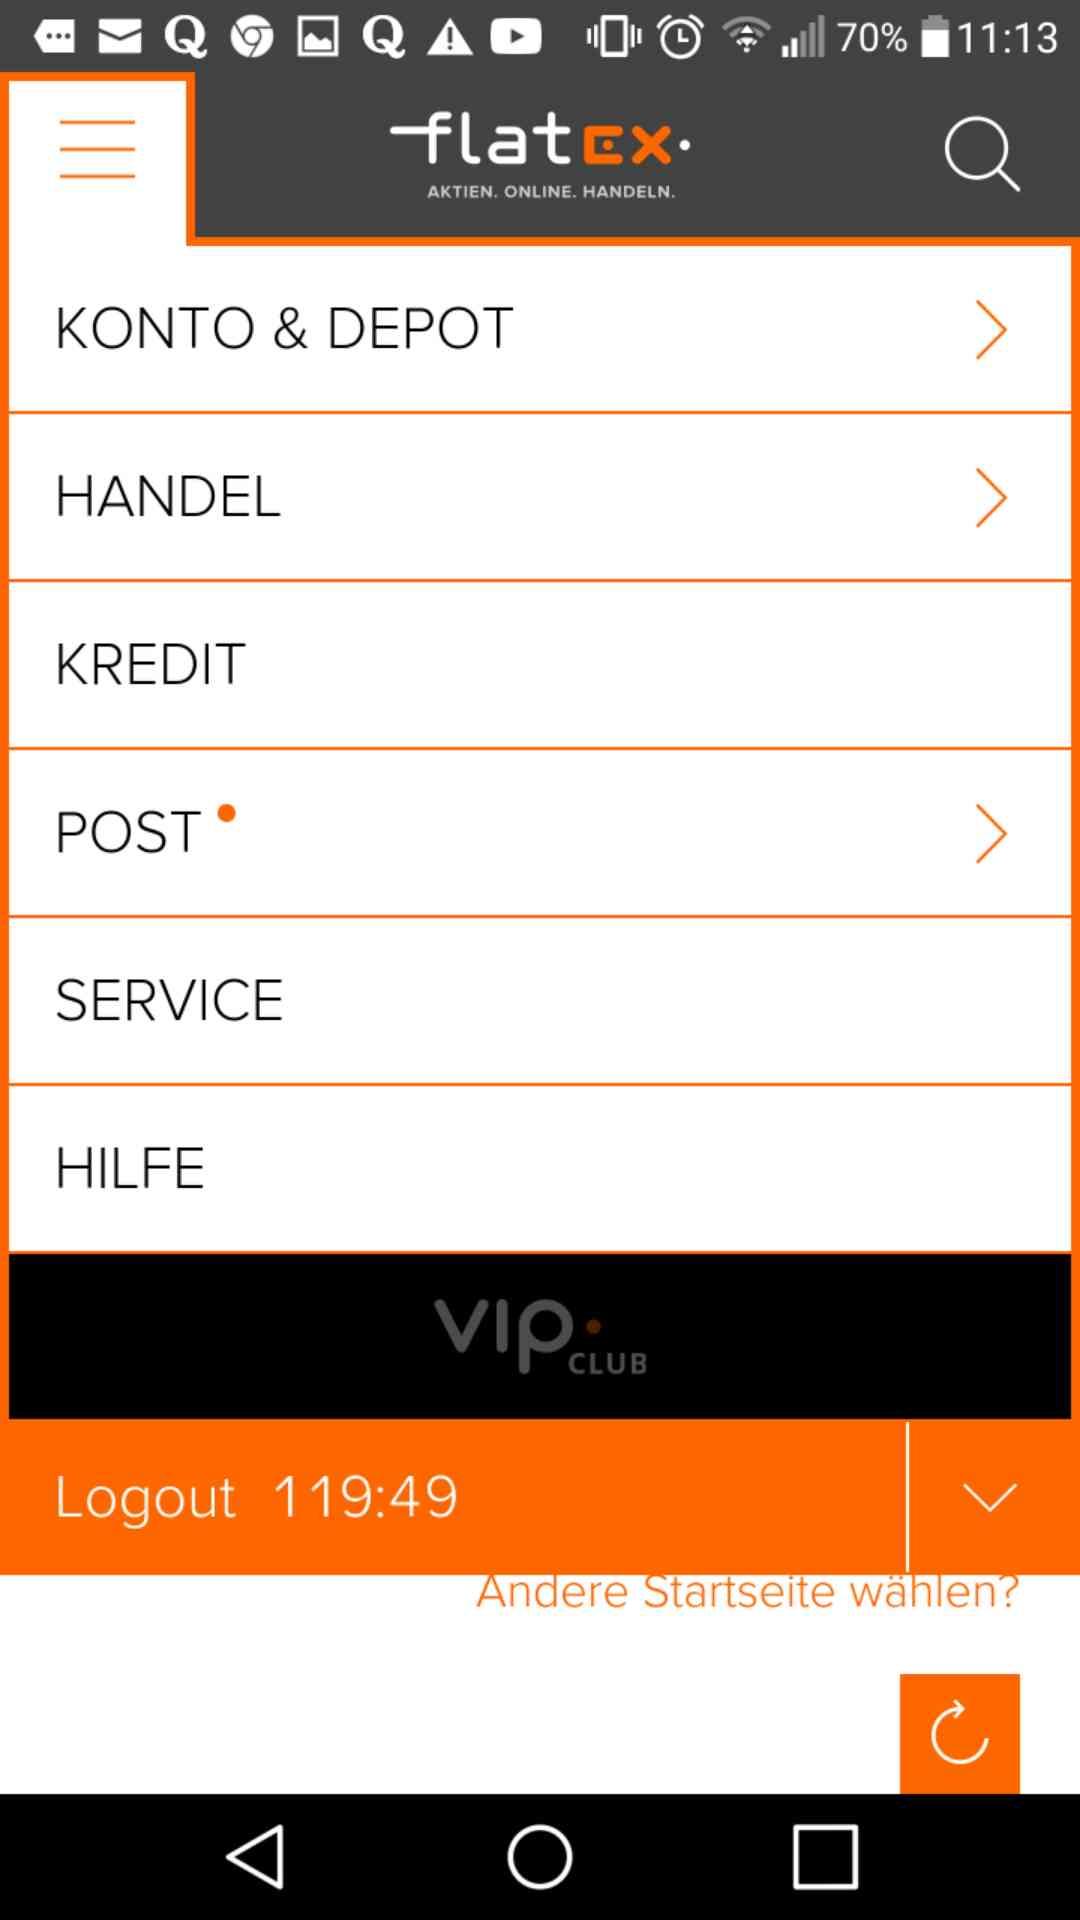 flatex erfahrungen app menü